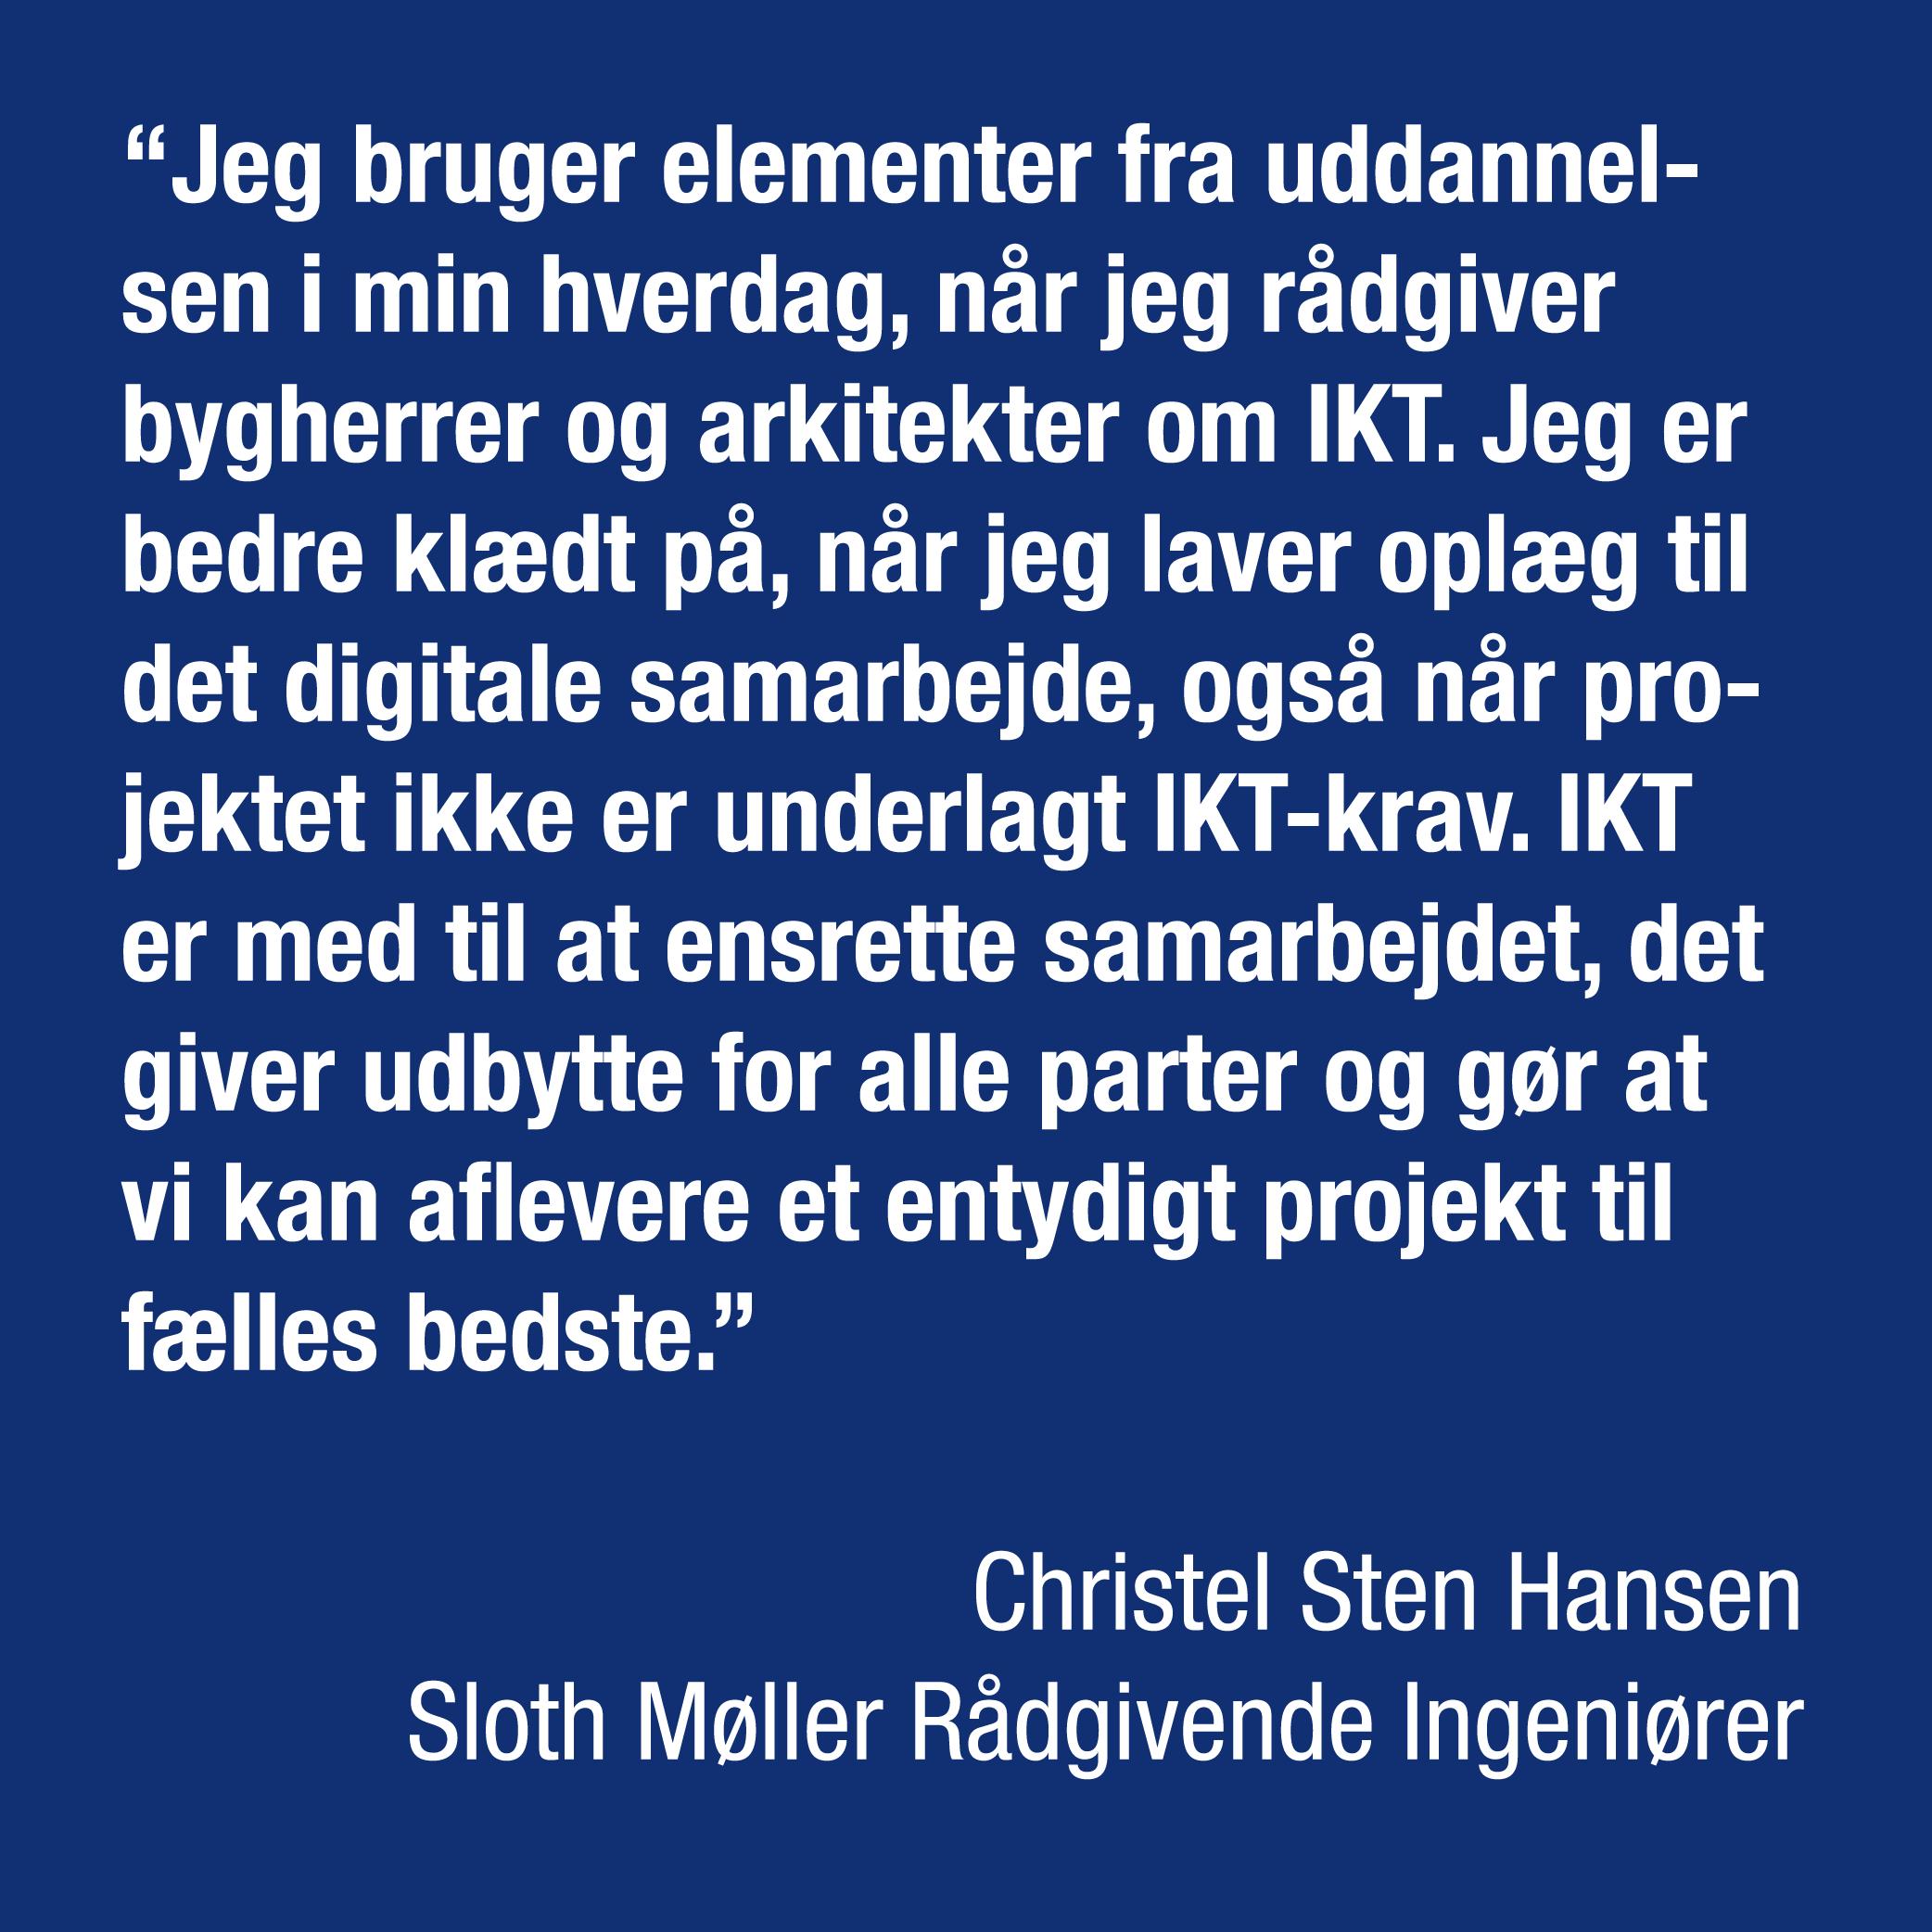 BLC_IKT leder_Christel-01.png